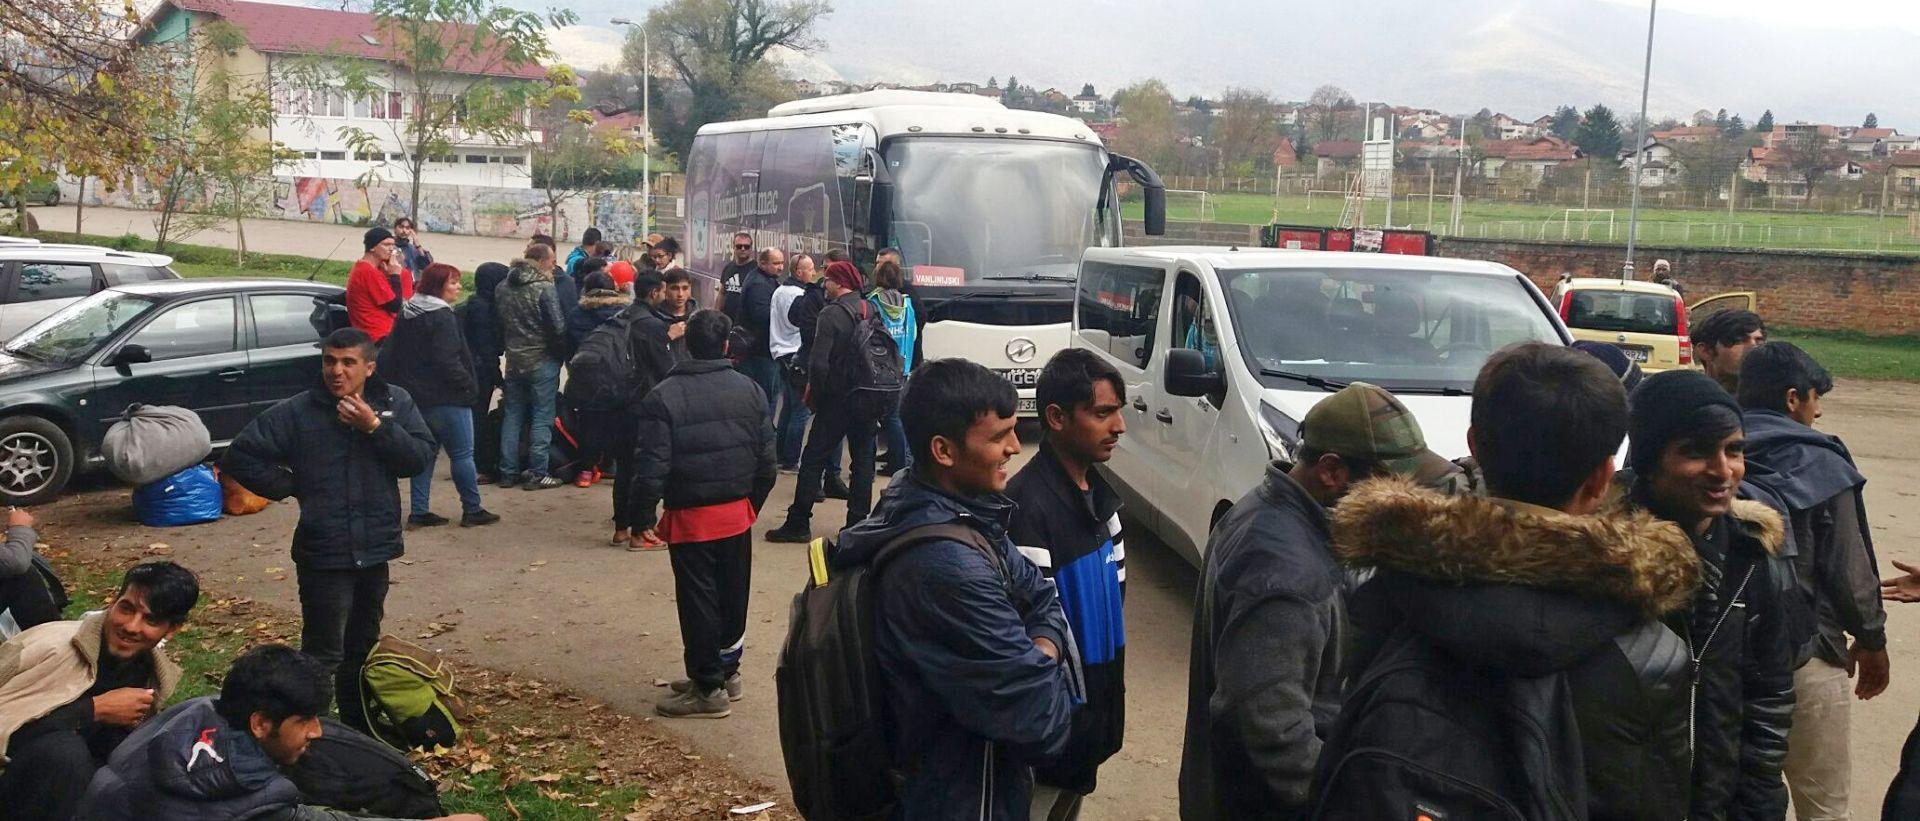 Slovenija podržala globalni dogovor o migracijam